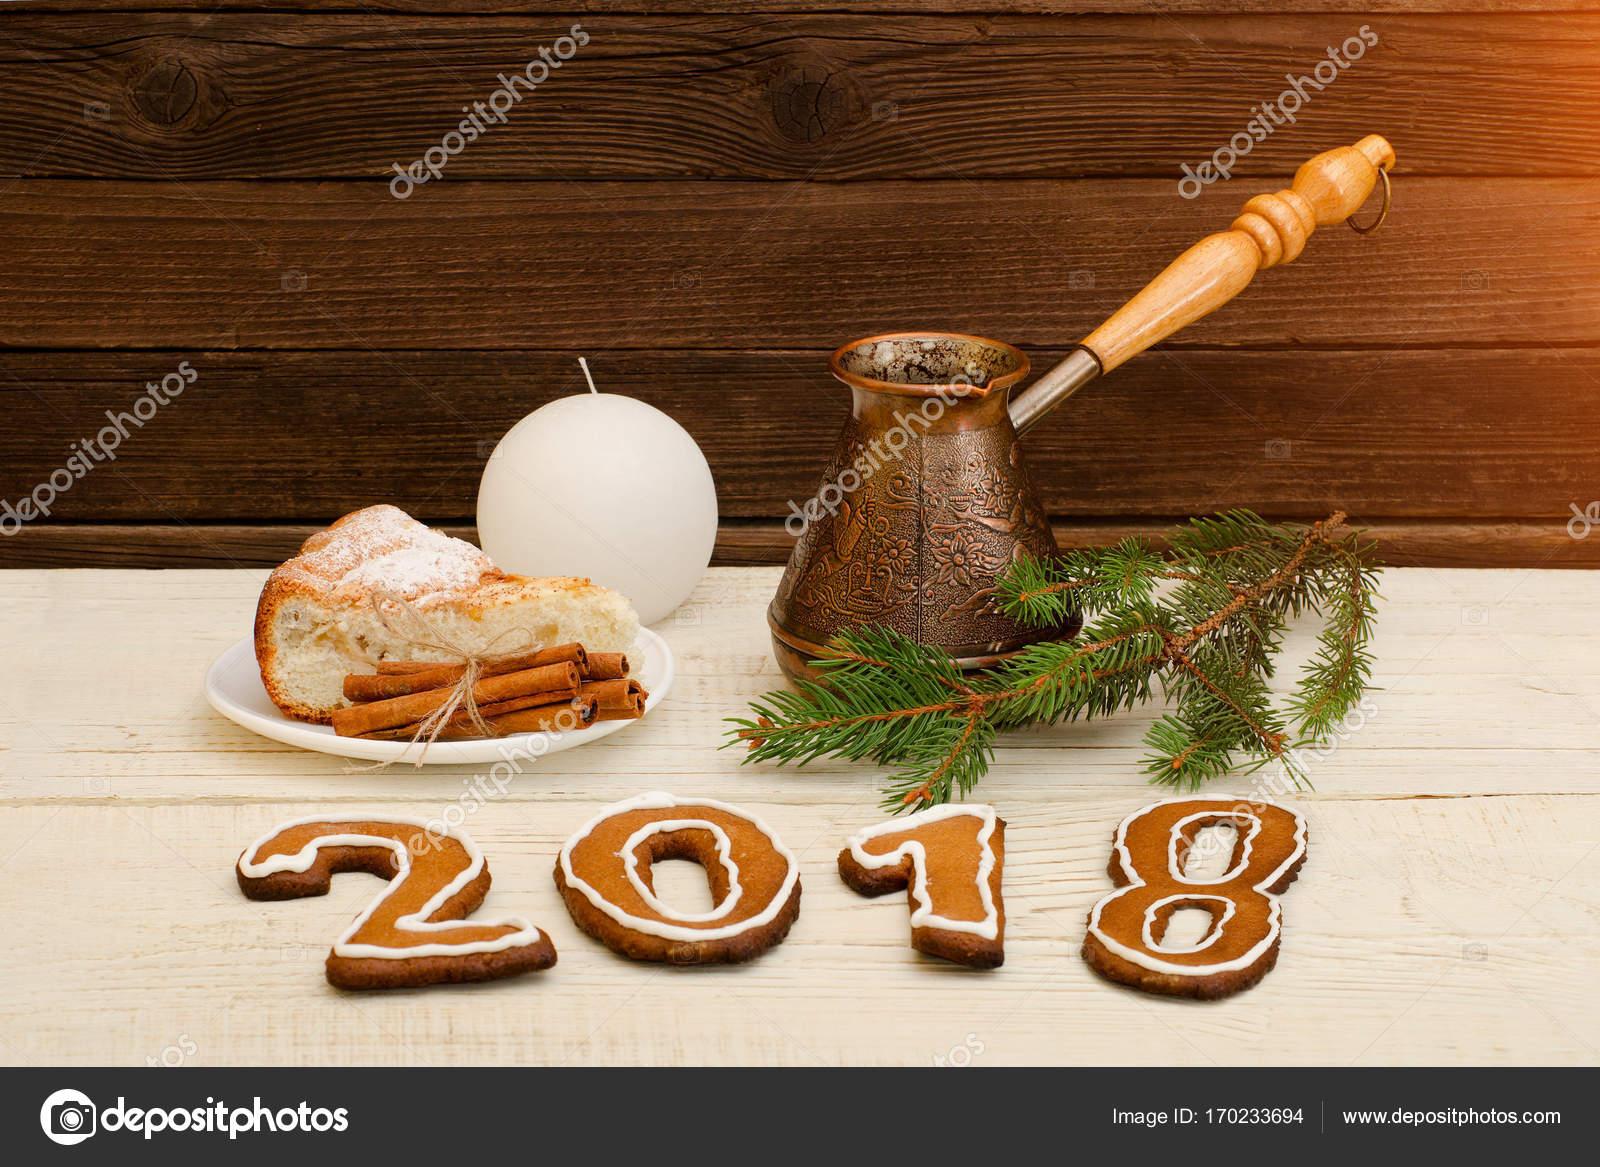 weihnachtsessen 2018 Weihnachtsessen, die Figur im Jahr 2018 von Lebkuchen, Fichte  weihnachtsessen 2018